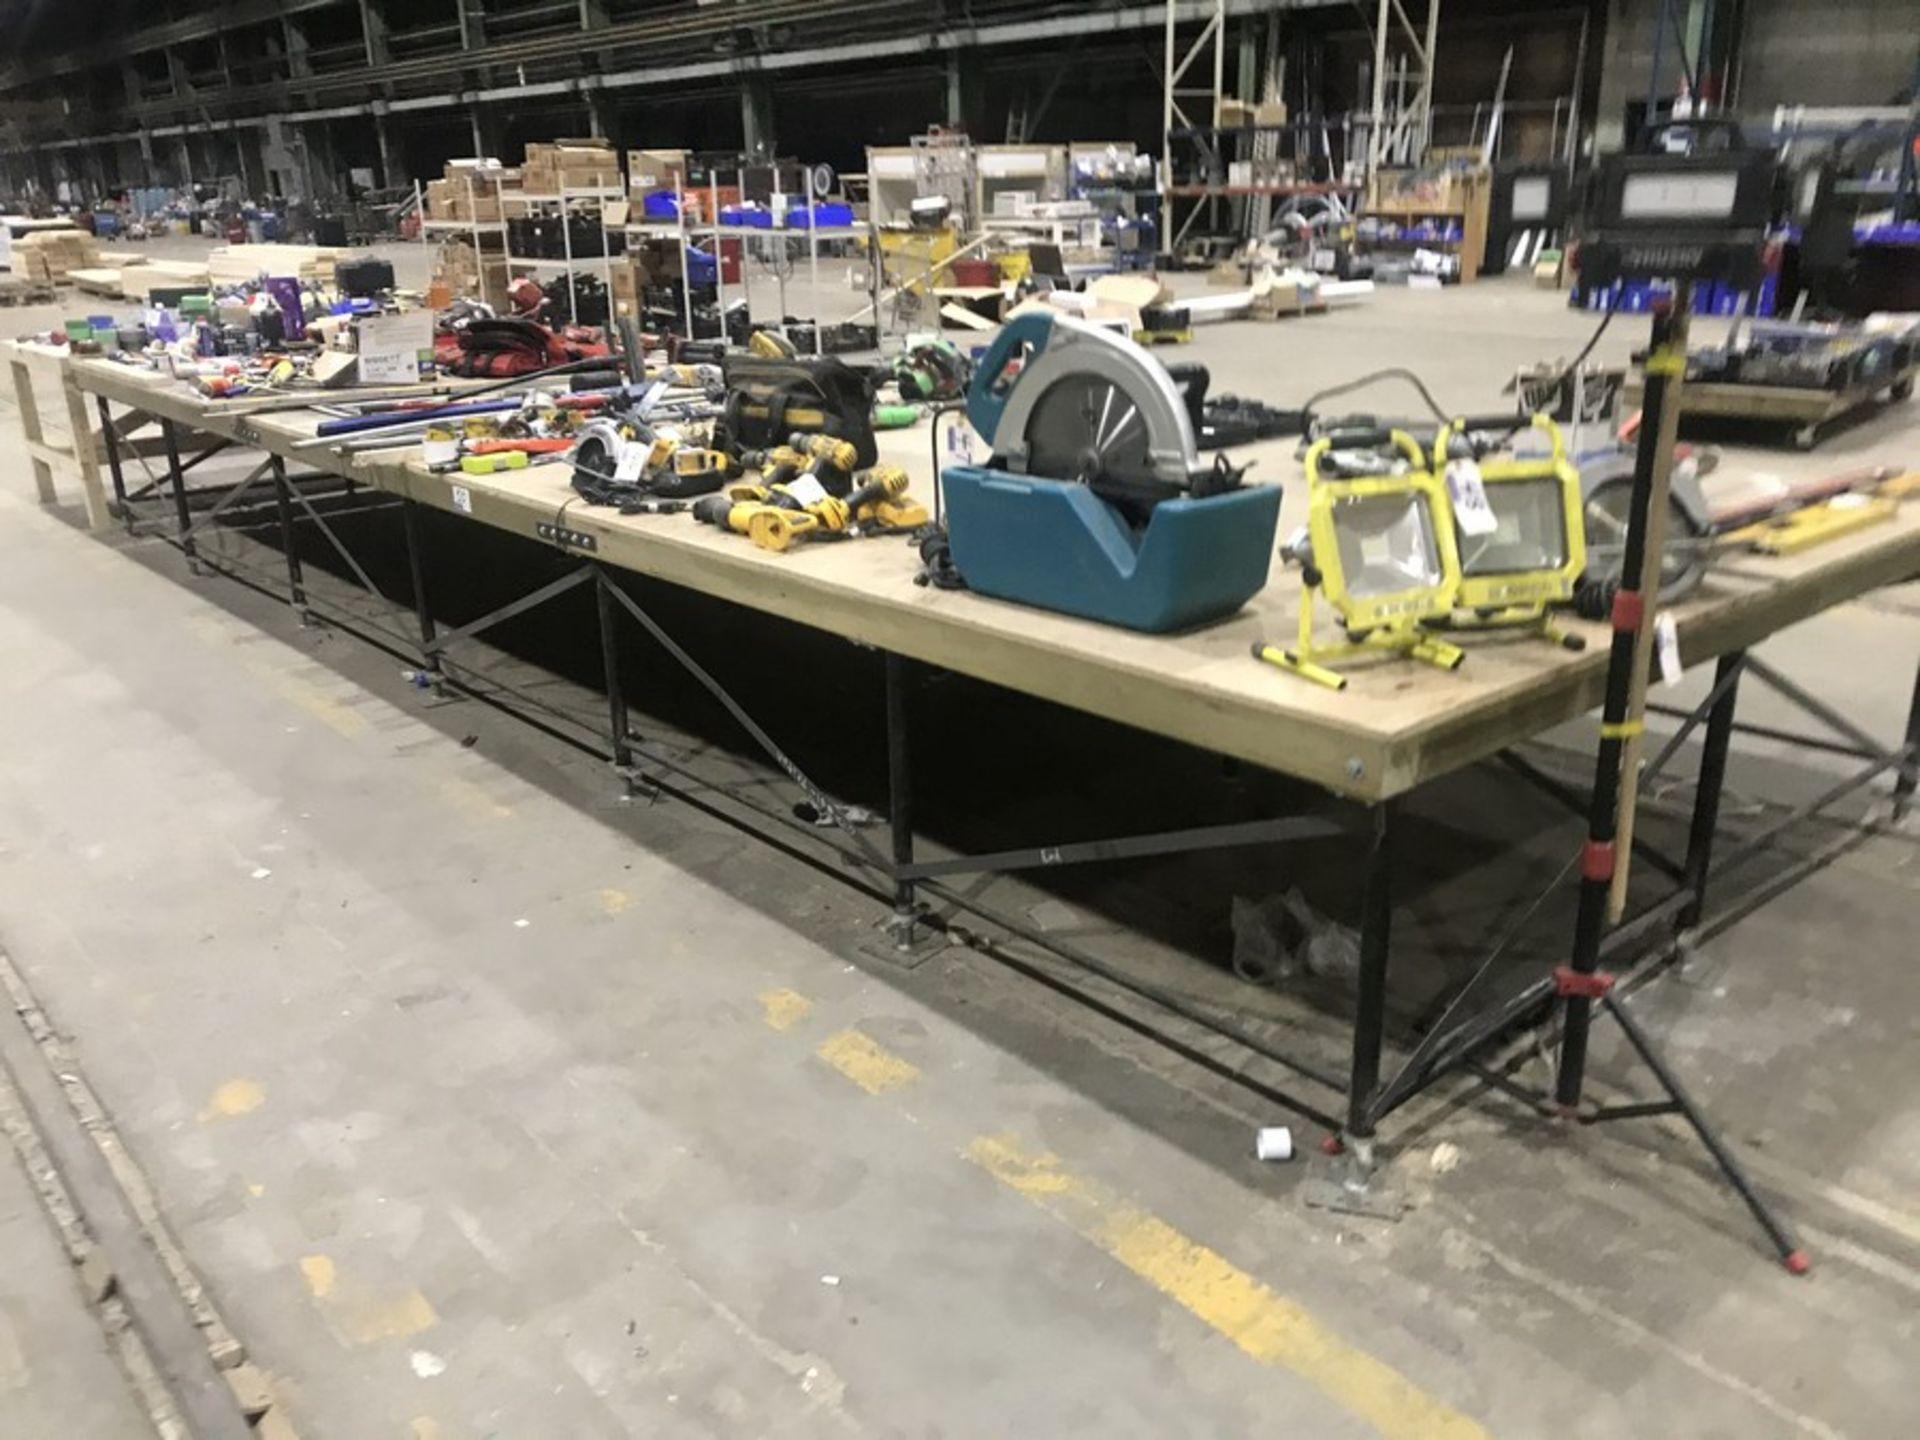 Lot 50 - 24' X 8' LAYUP TABLE